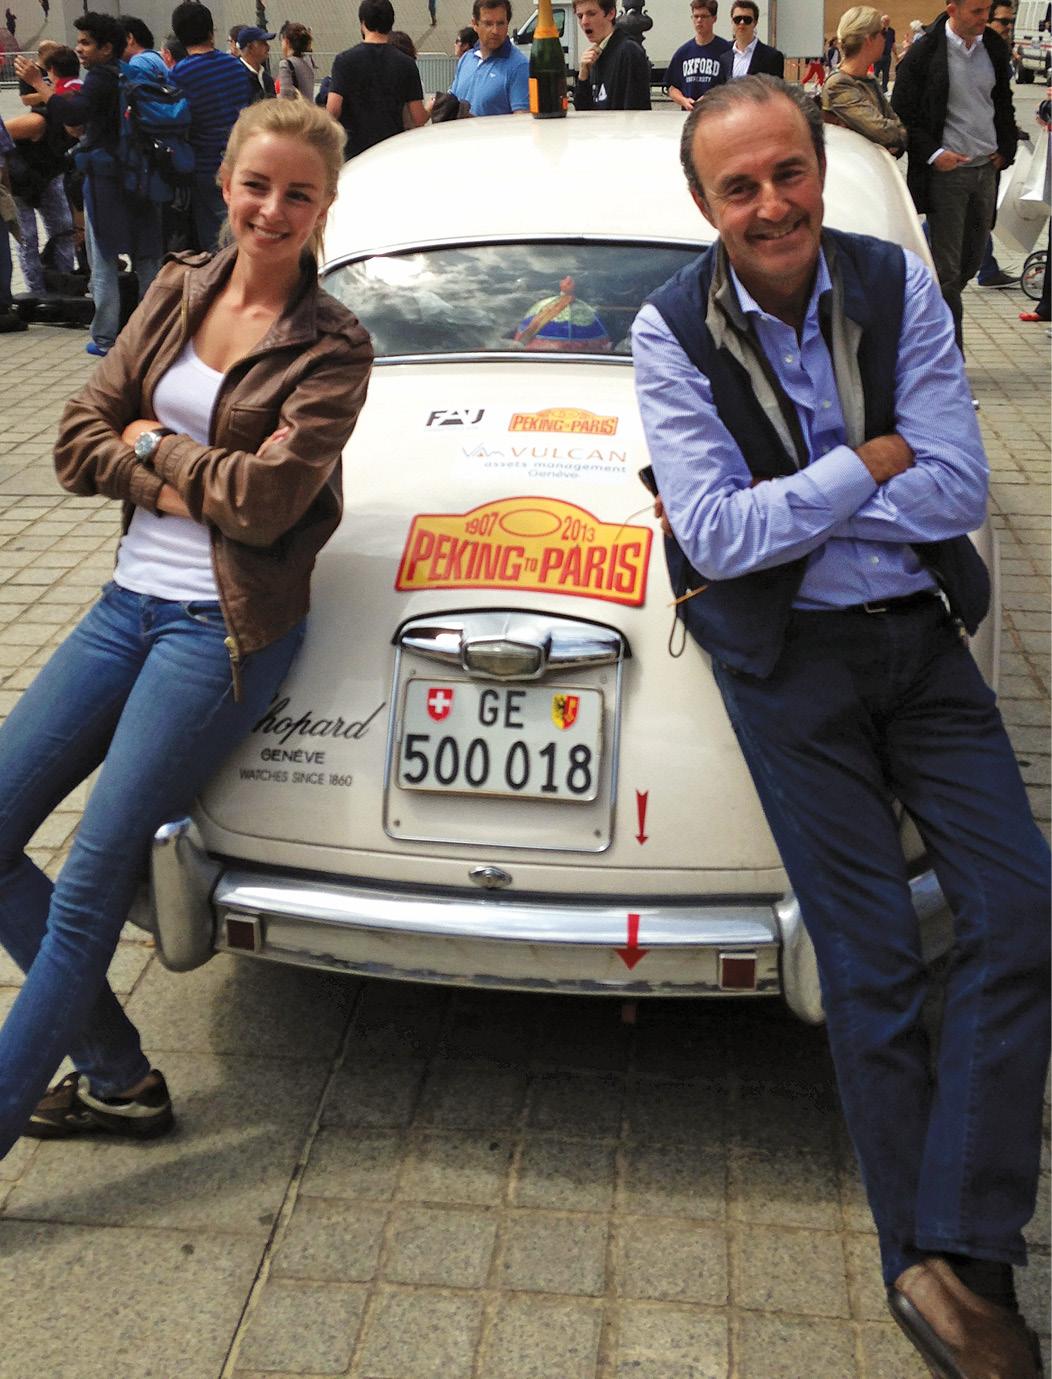 Spadini celebrated his daughter's birthday on 2013 Peking to Paris